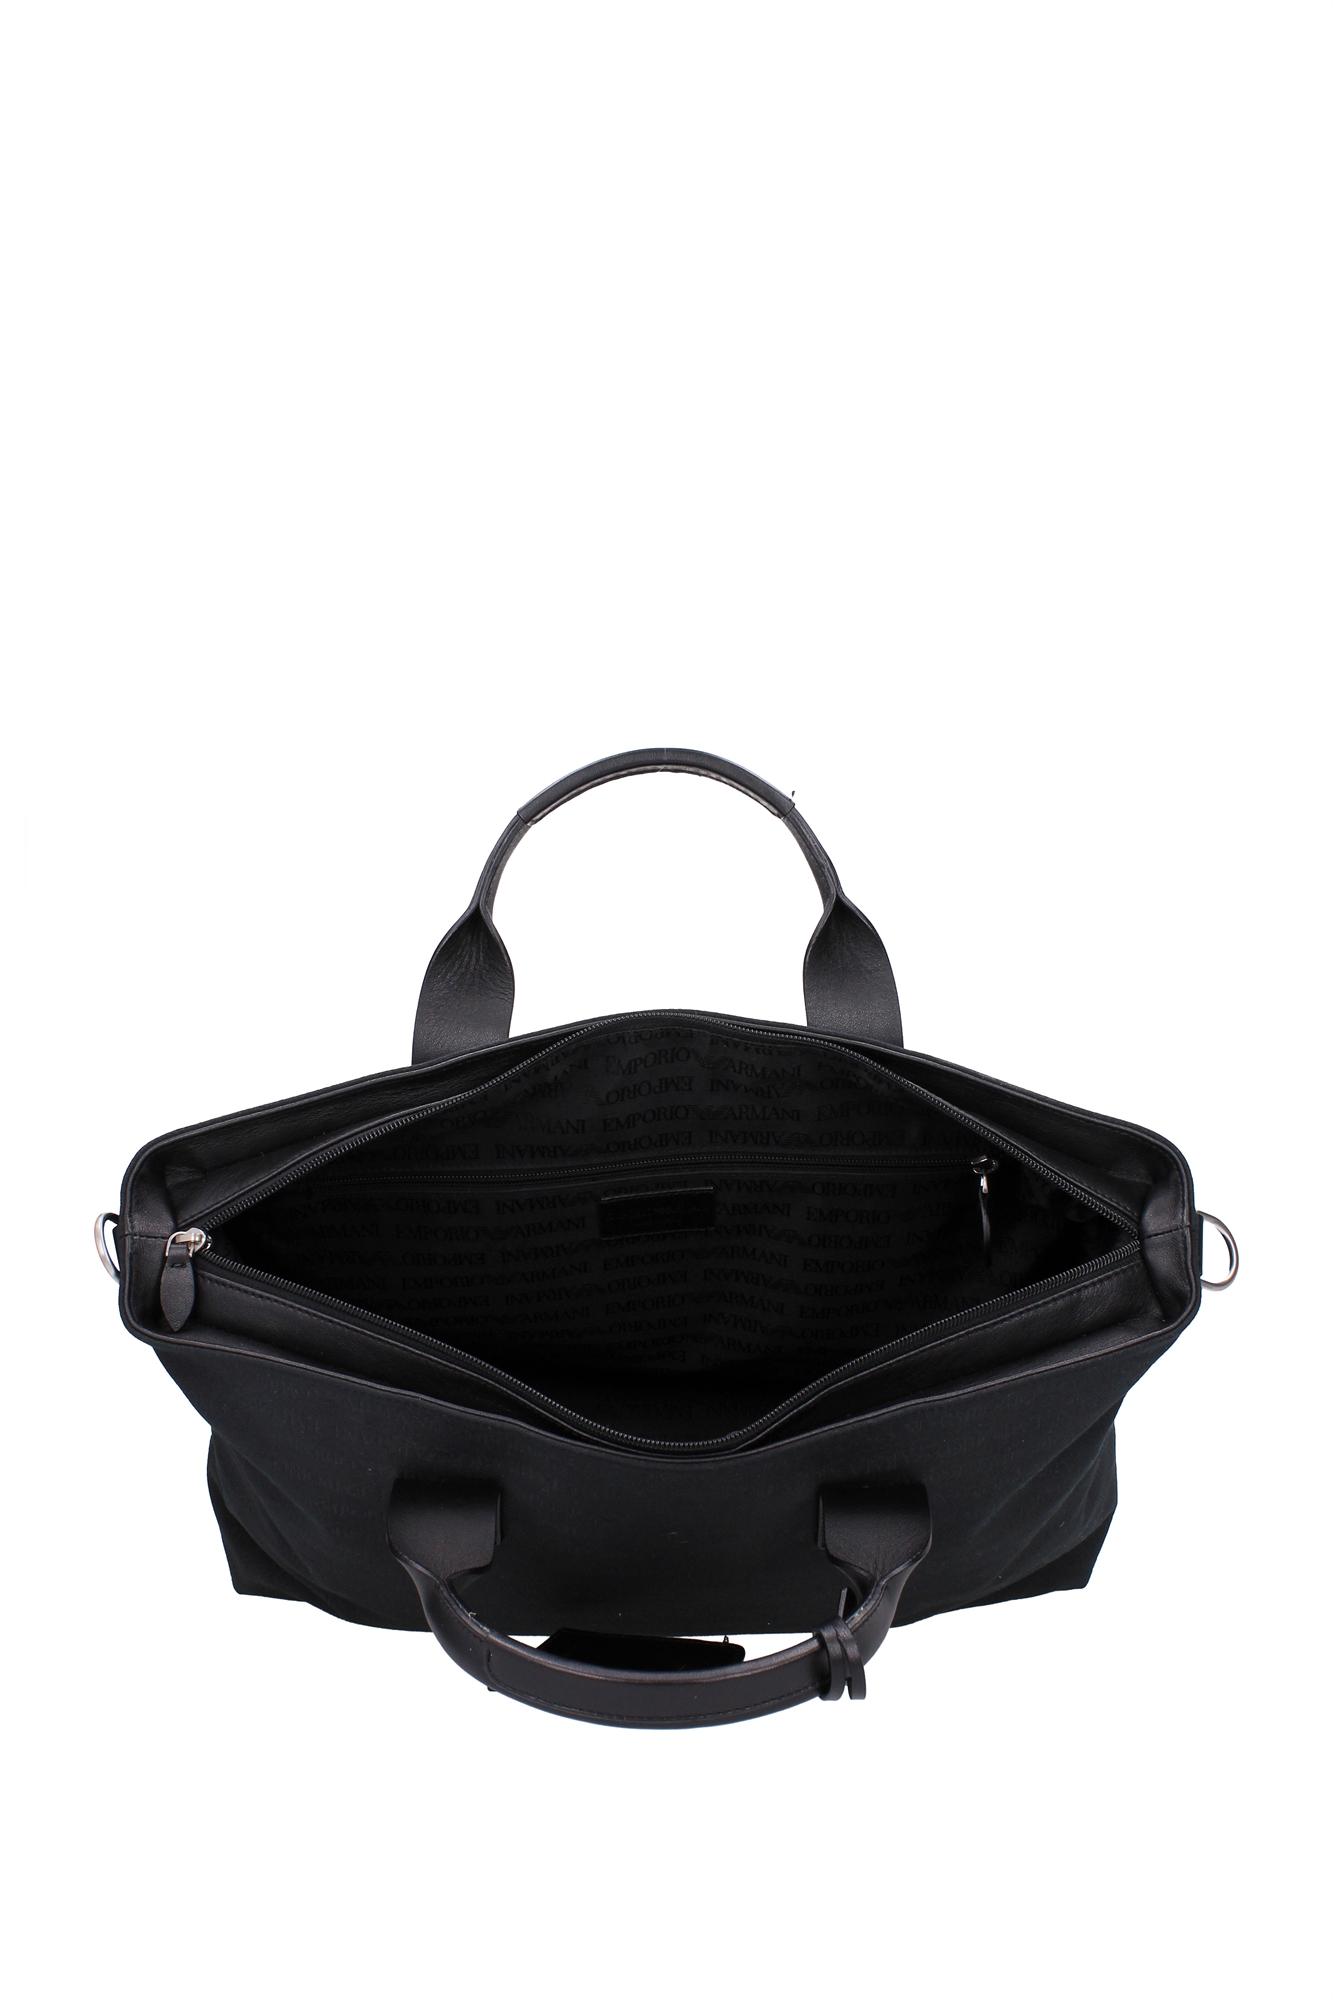 shopper taschen armani emporio damen stoff schwarz. Black Bedroom Furniture Sets. Home Design Ideas